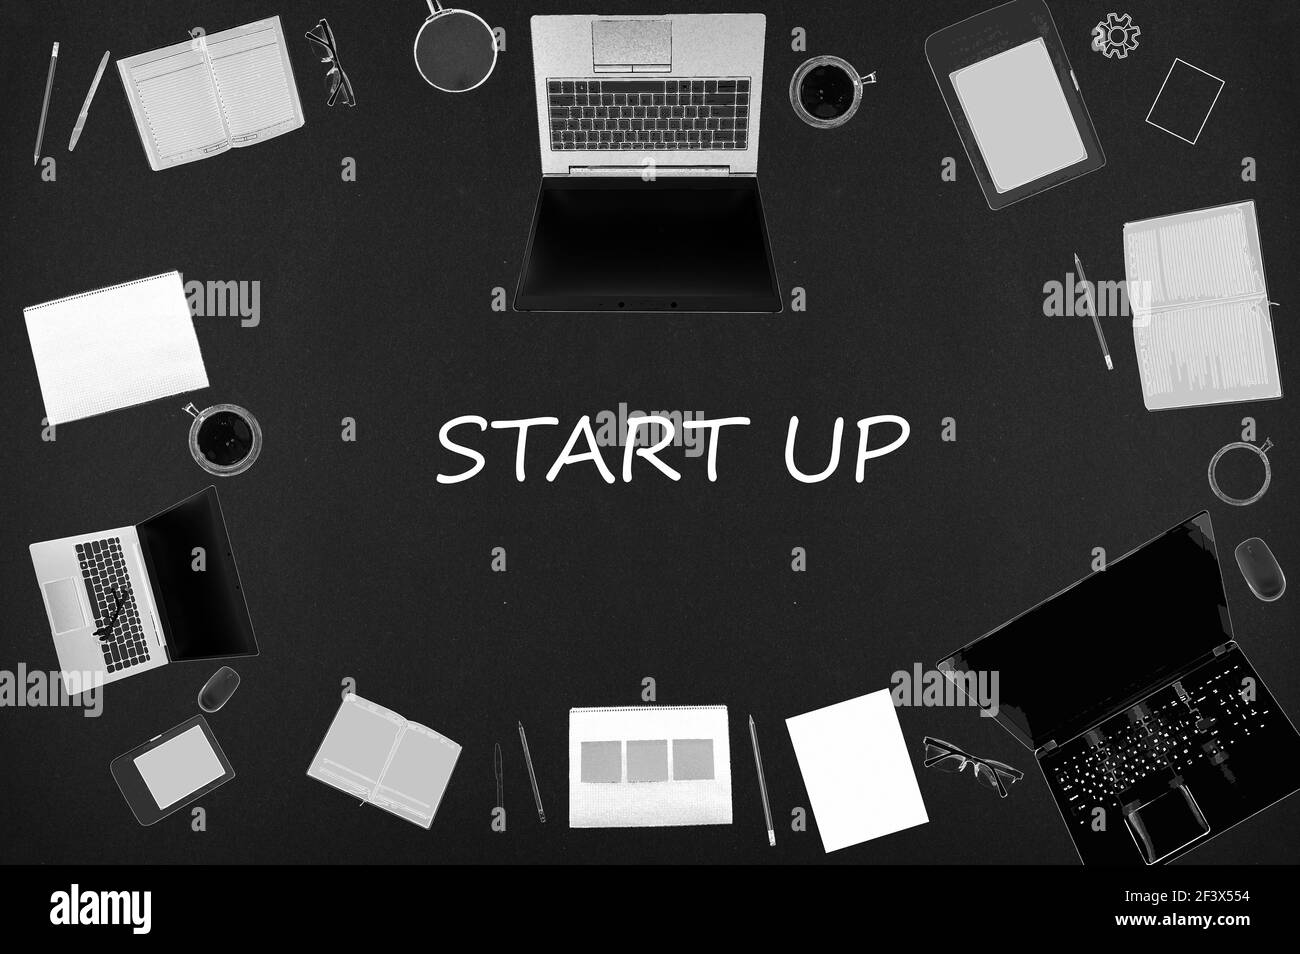 Concept de démarrage. Mise en page supérieure de dessins d'ordinateurs portables, de blocs-notes, de café, de différentes affaires sur fond noir. Banque D'Images